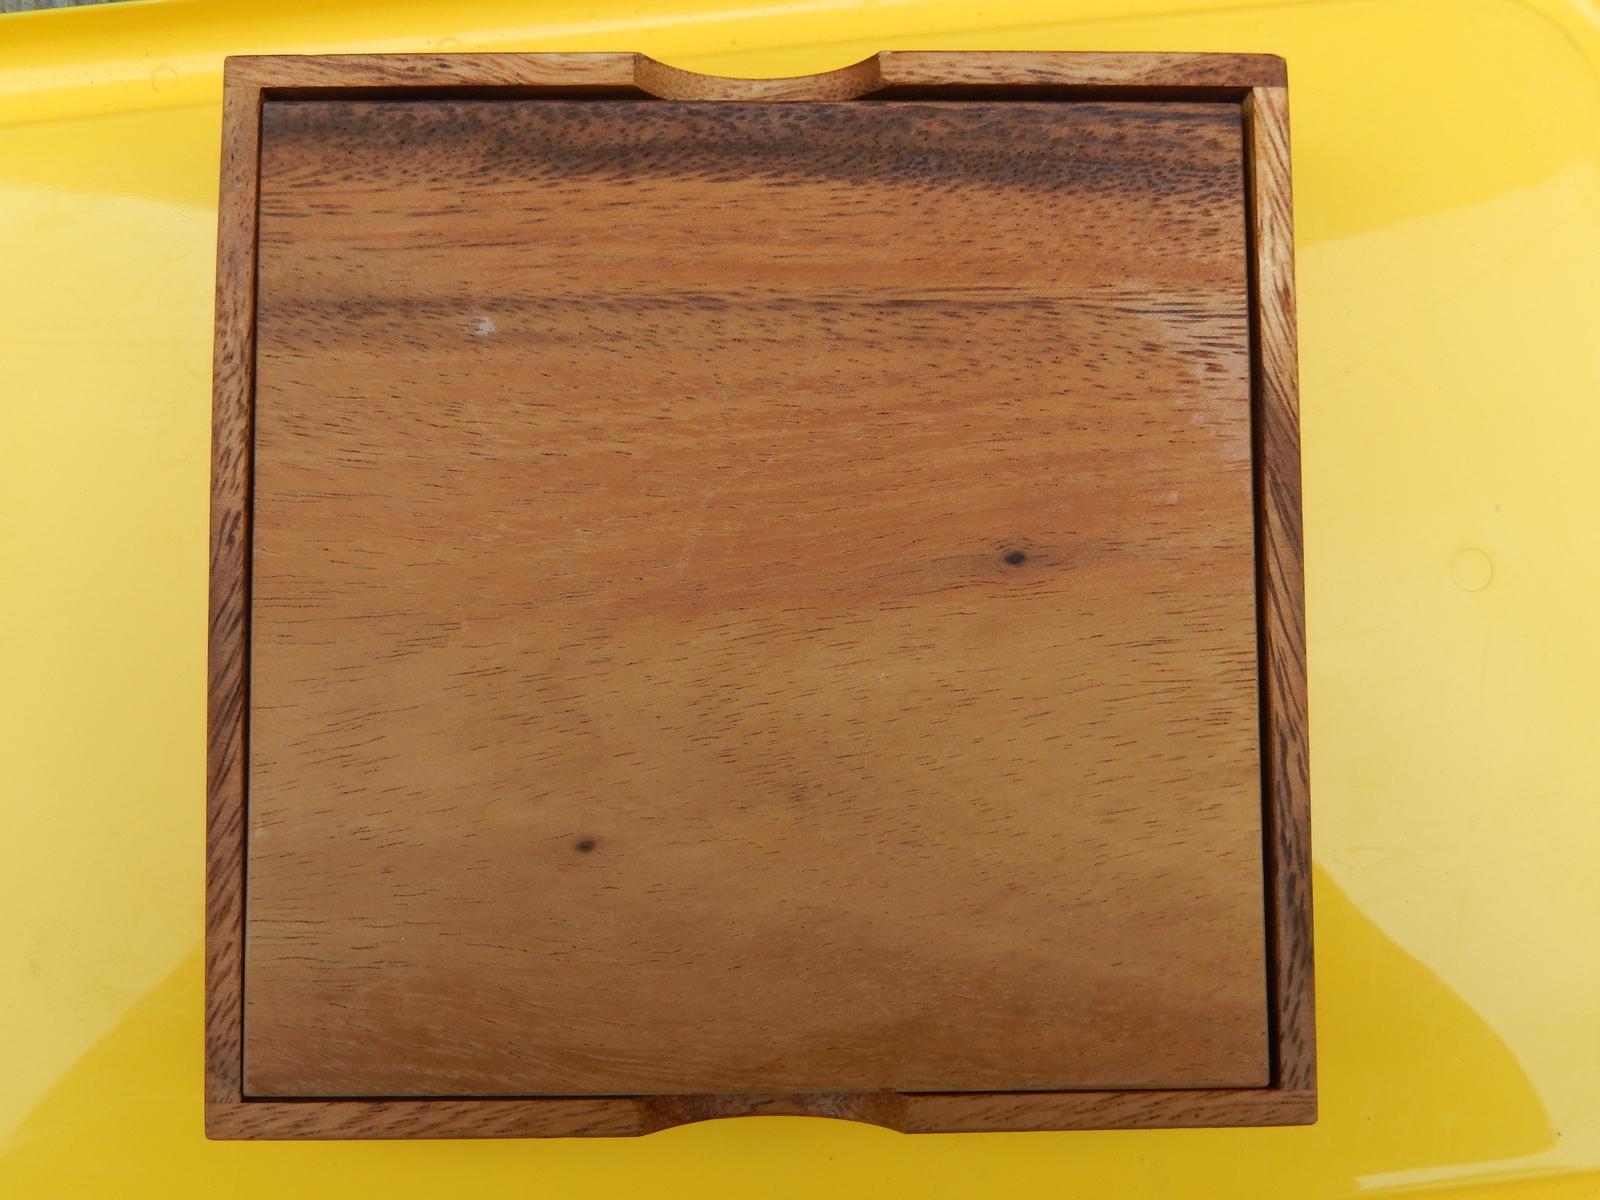 Wood Travel Reusable Sudoku Game